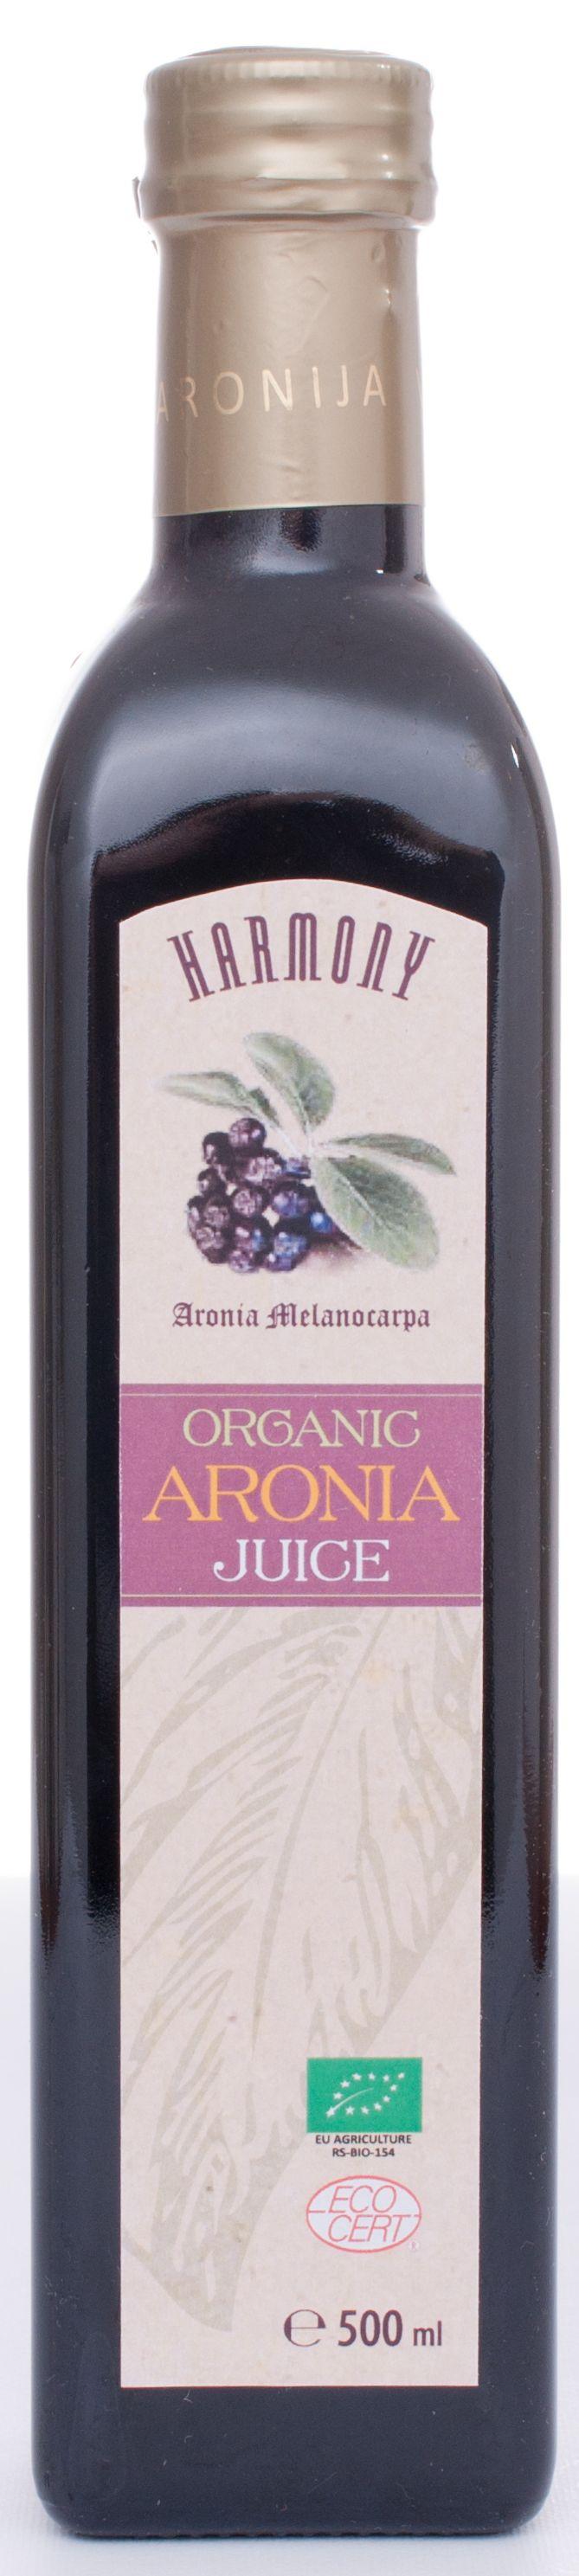 Aronia Juice 500